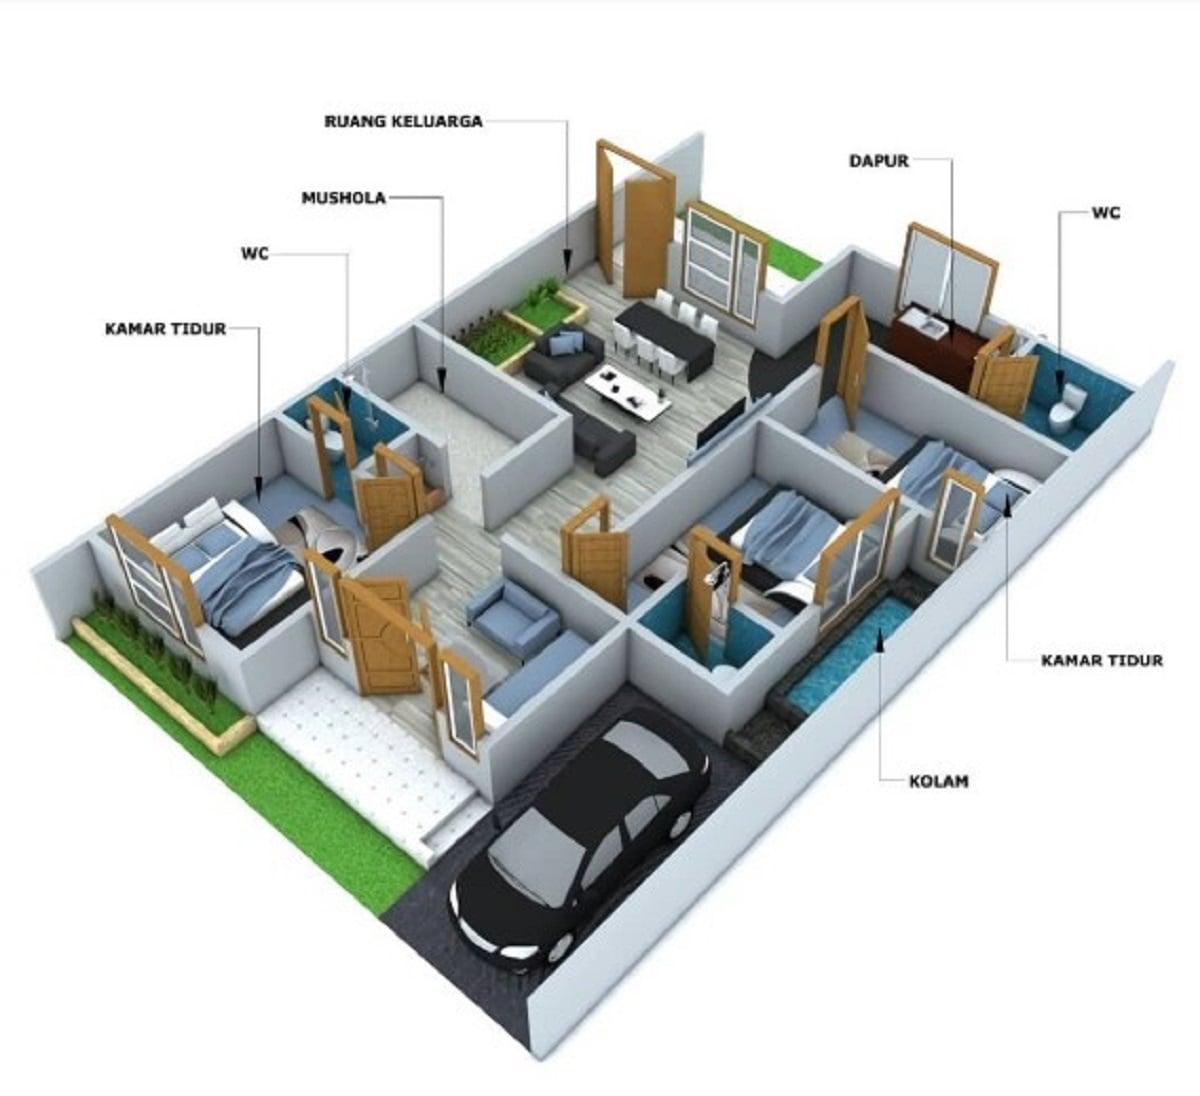 32 Kumpulan Desain Rumah Minimalis 3 Kamar 1 Mushola Paling Populer di Dunia